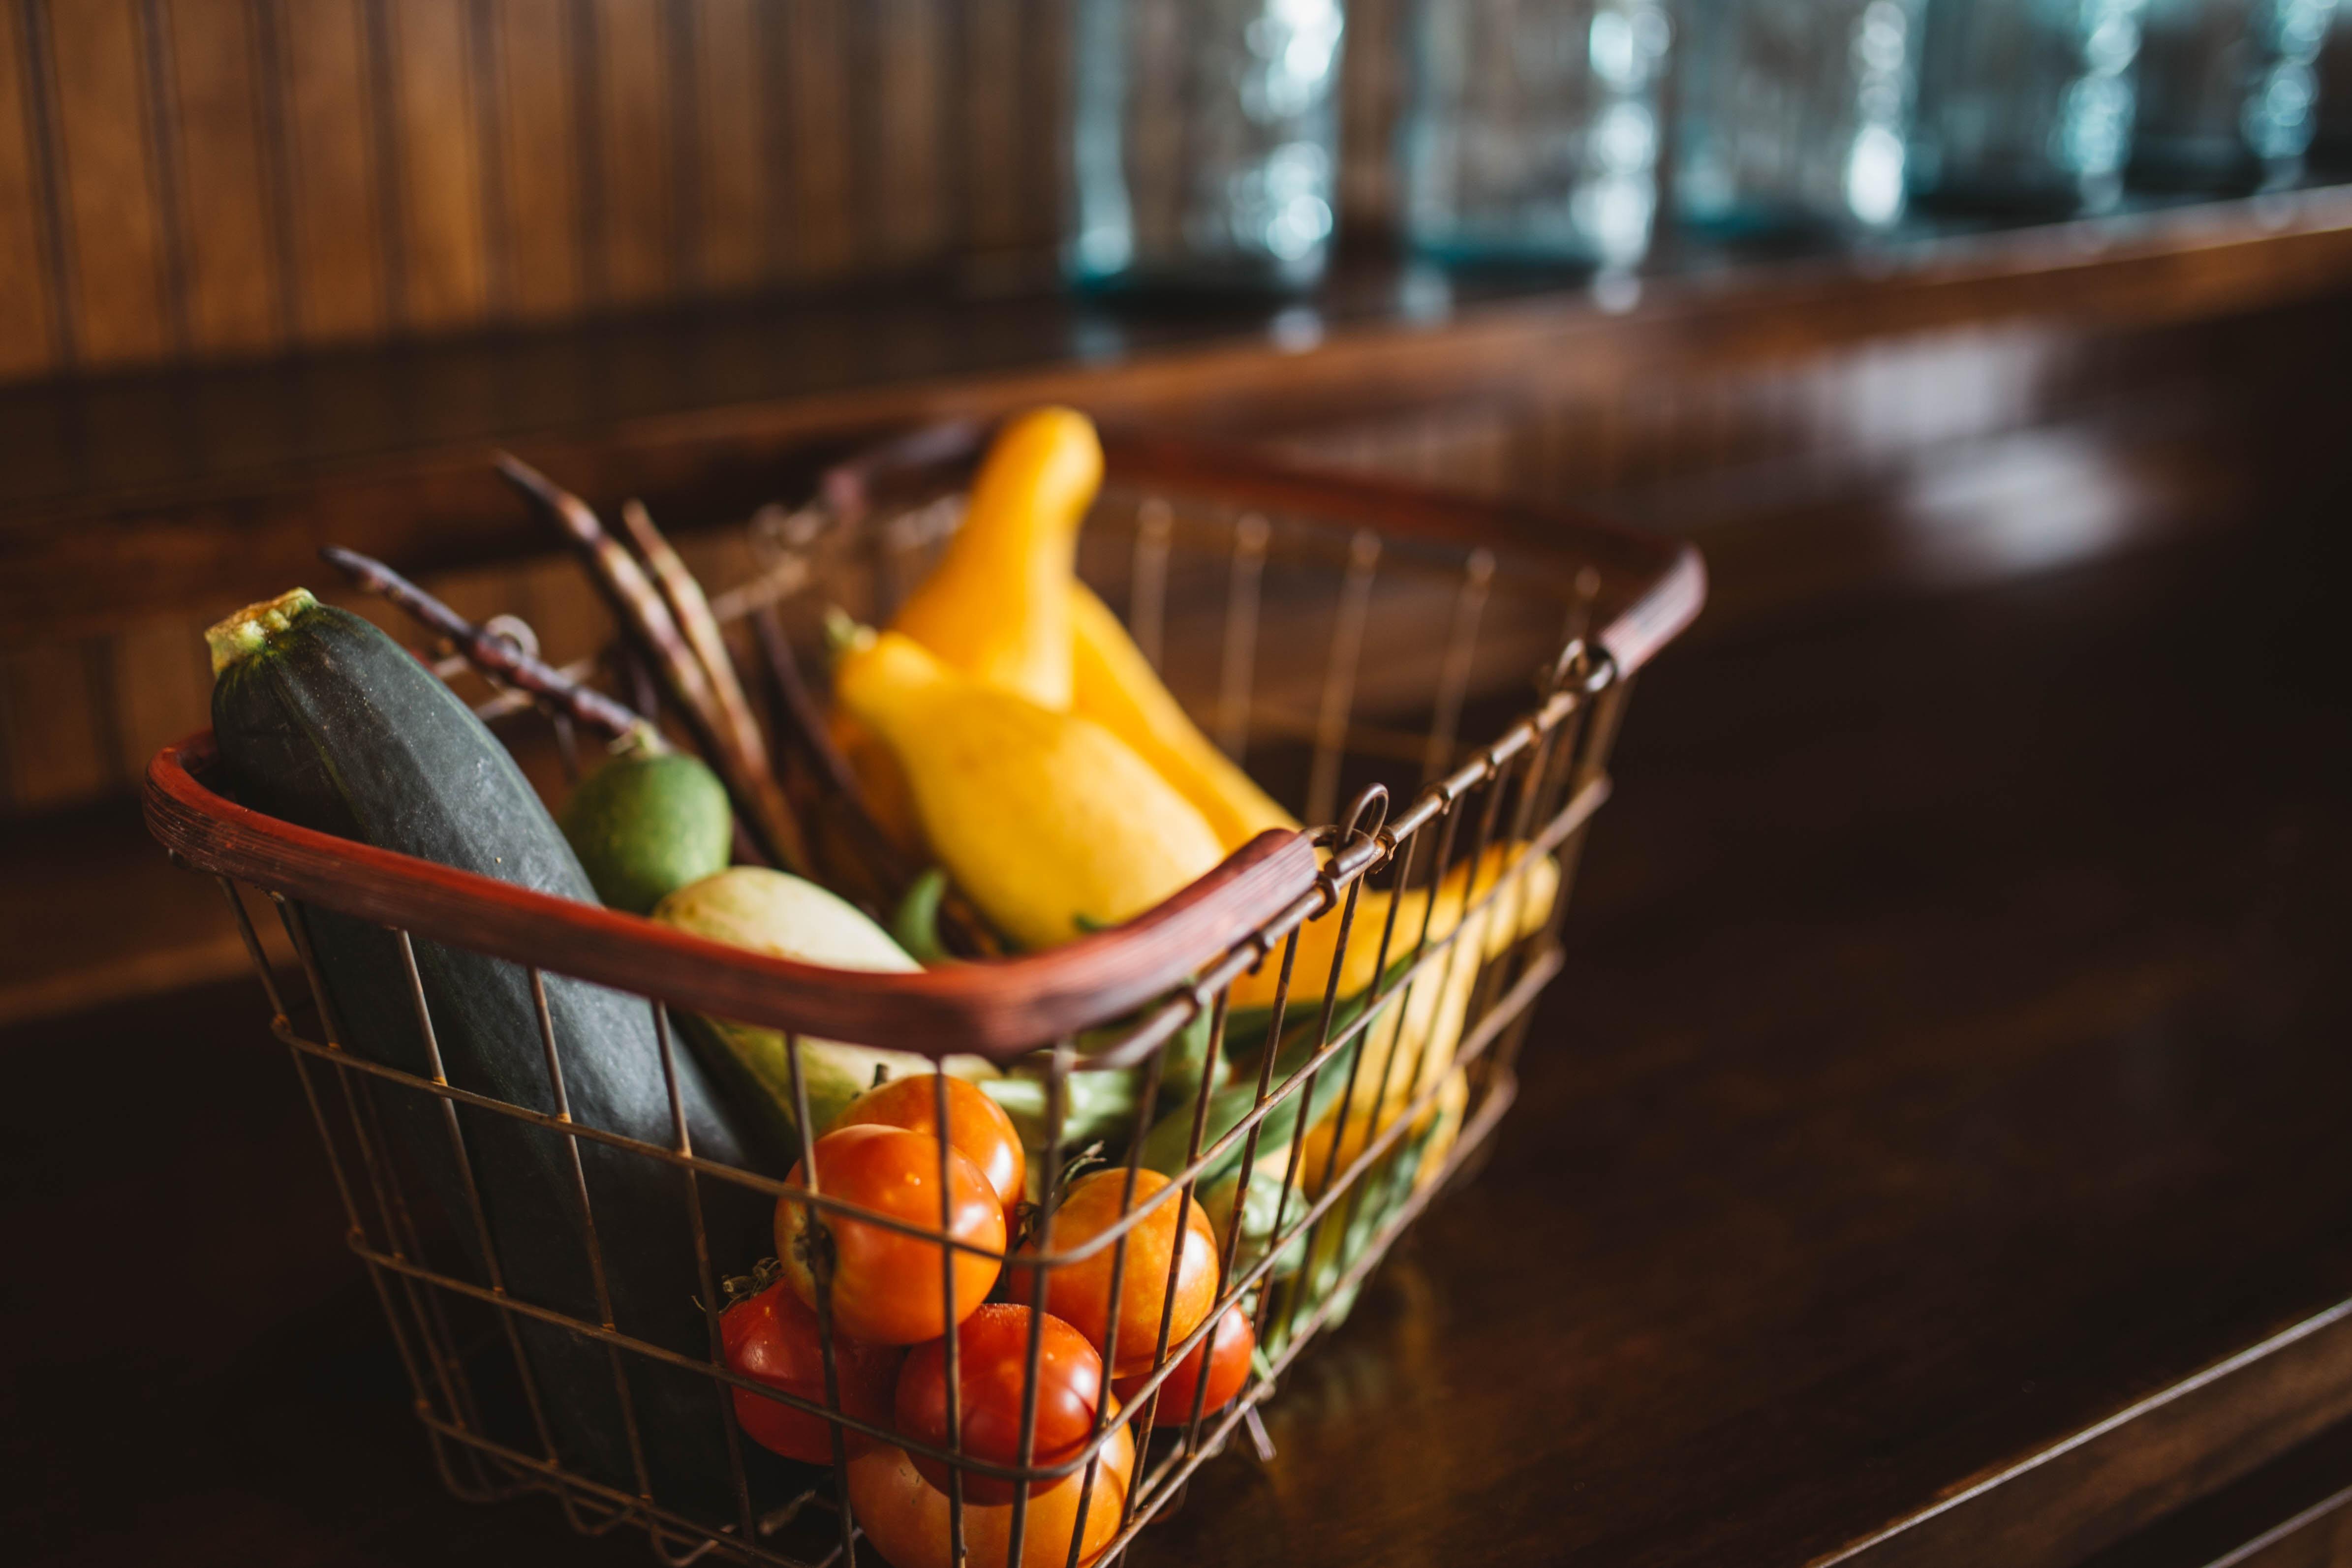 Gemüse und Obst unverpackt